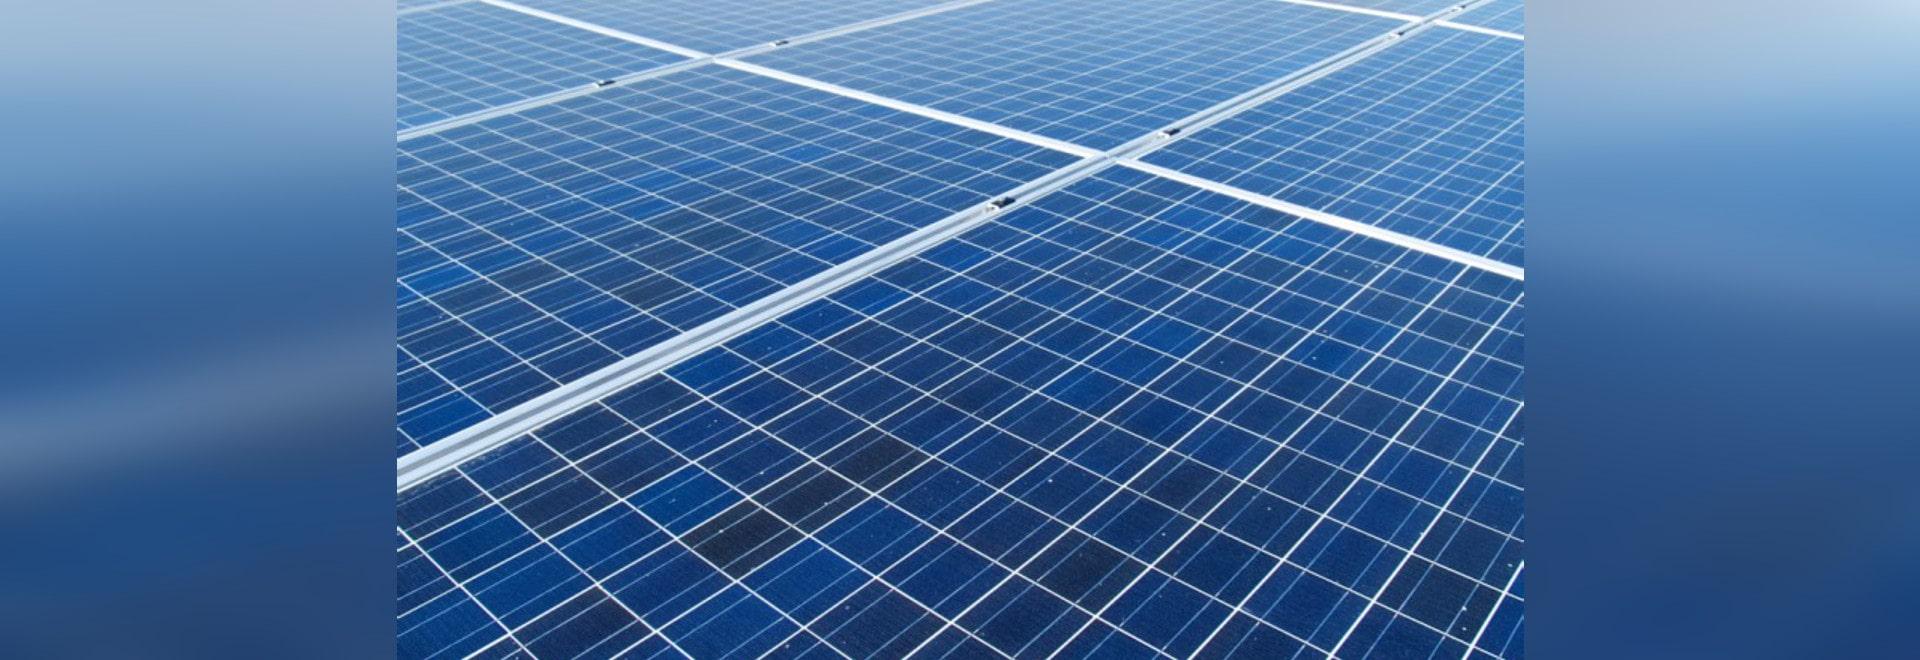 EL BRASIL PARA CONSTRUIR EL GIGANTE 350 MW QUE FLOTAN LA GRANJA SOLAR